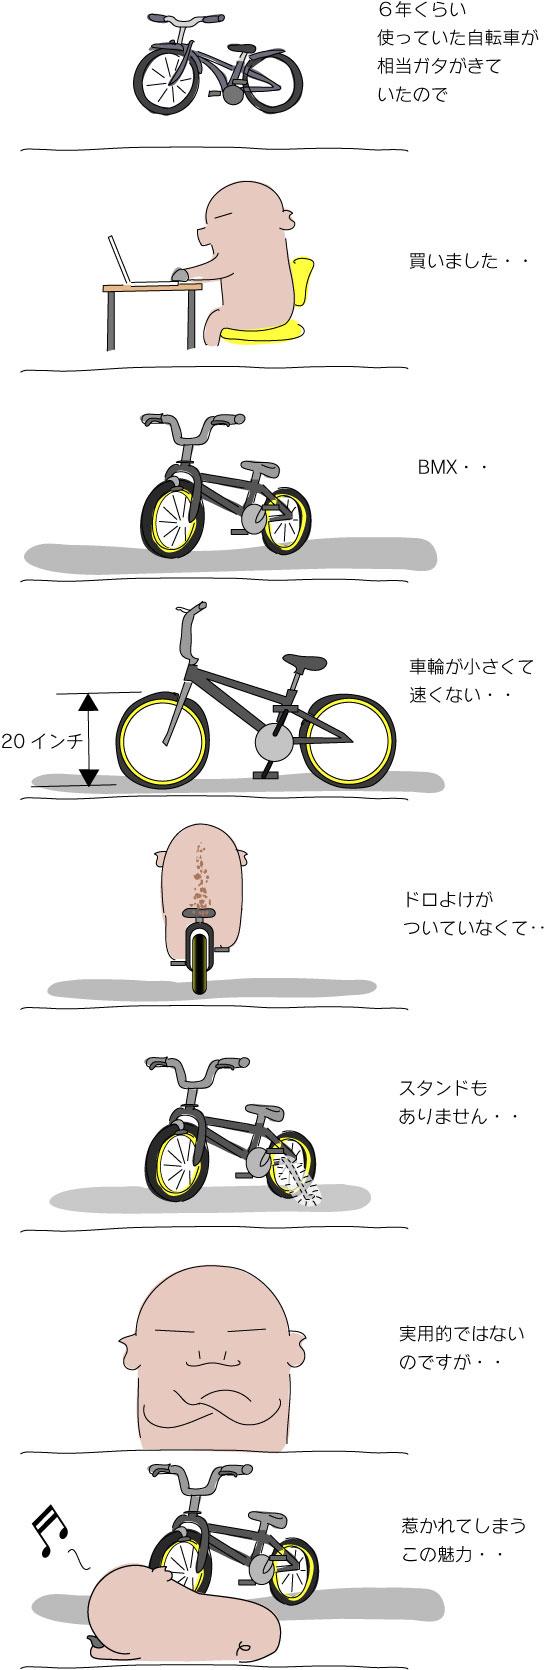 BMX.jpg